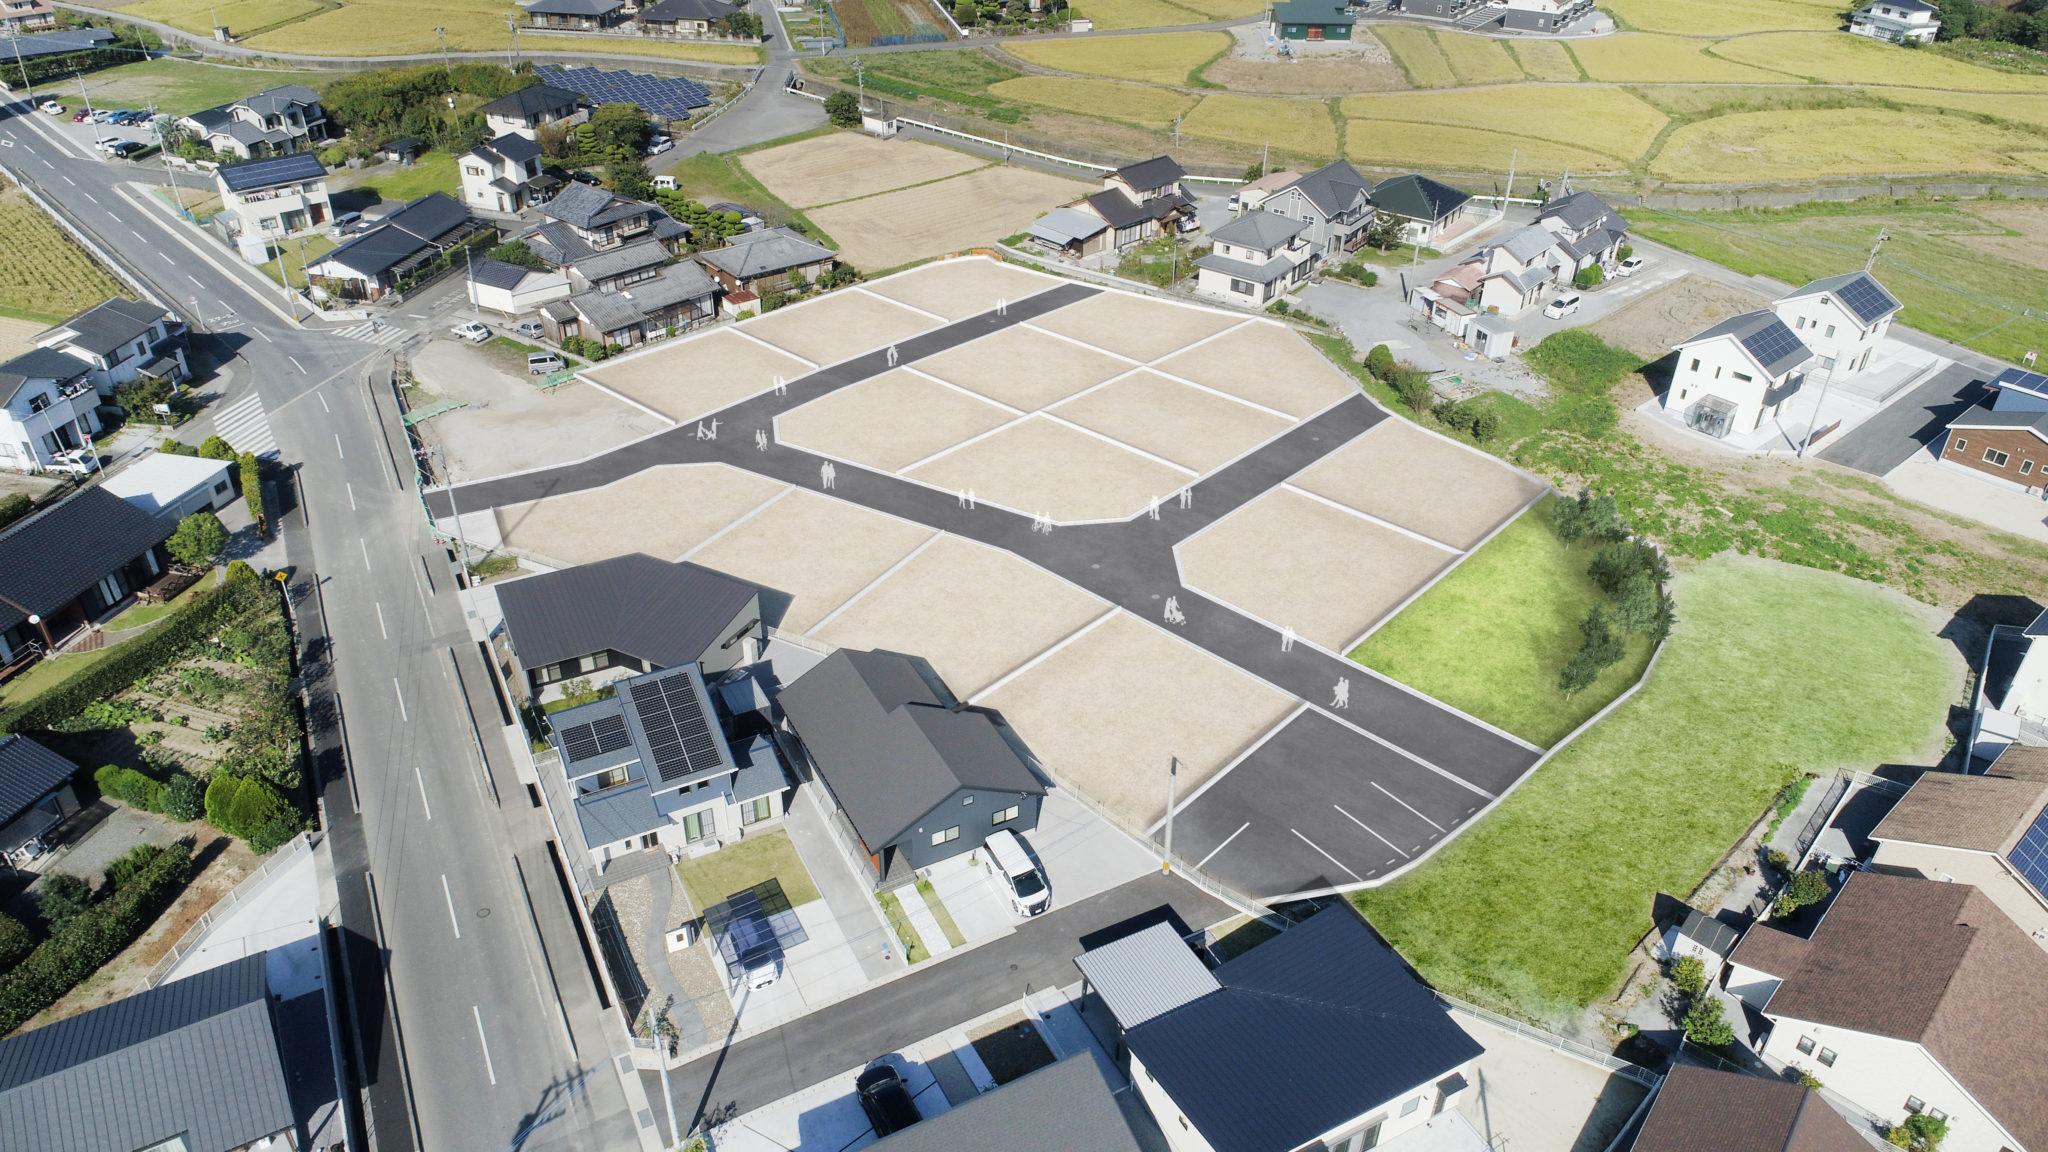 フォレストタウン桜坂 全15区画の新規分譲地 好評分譲中です!